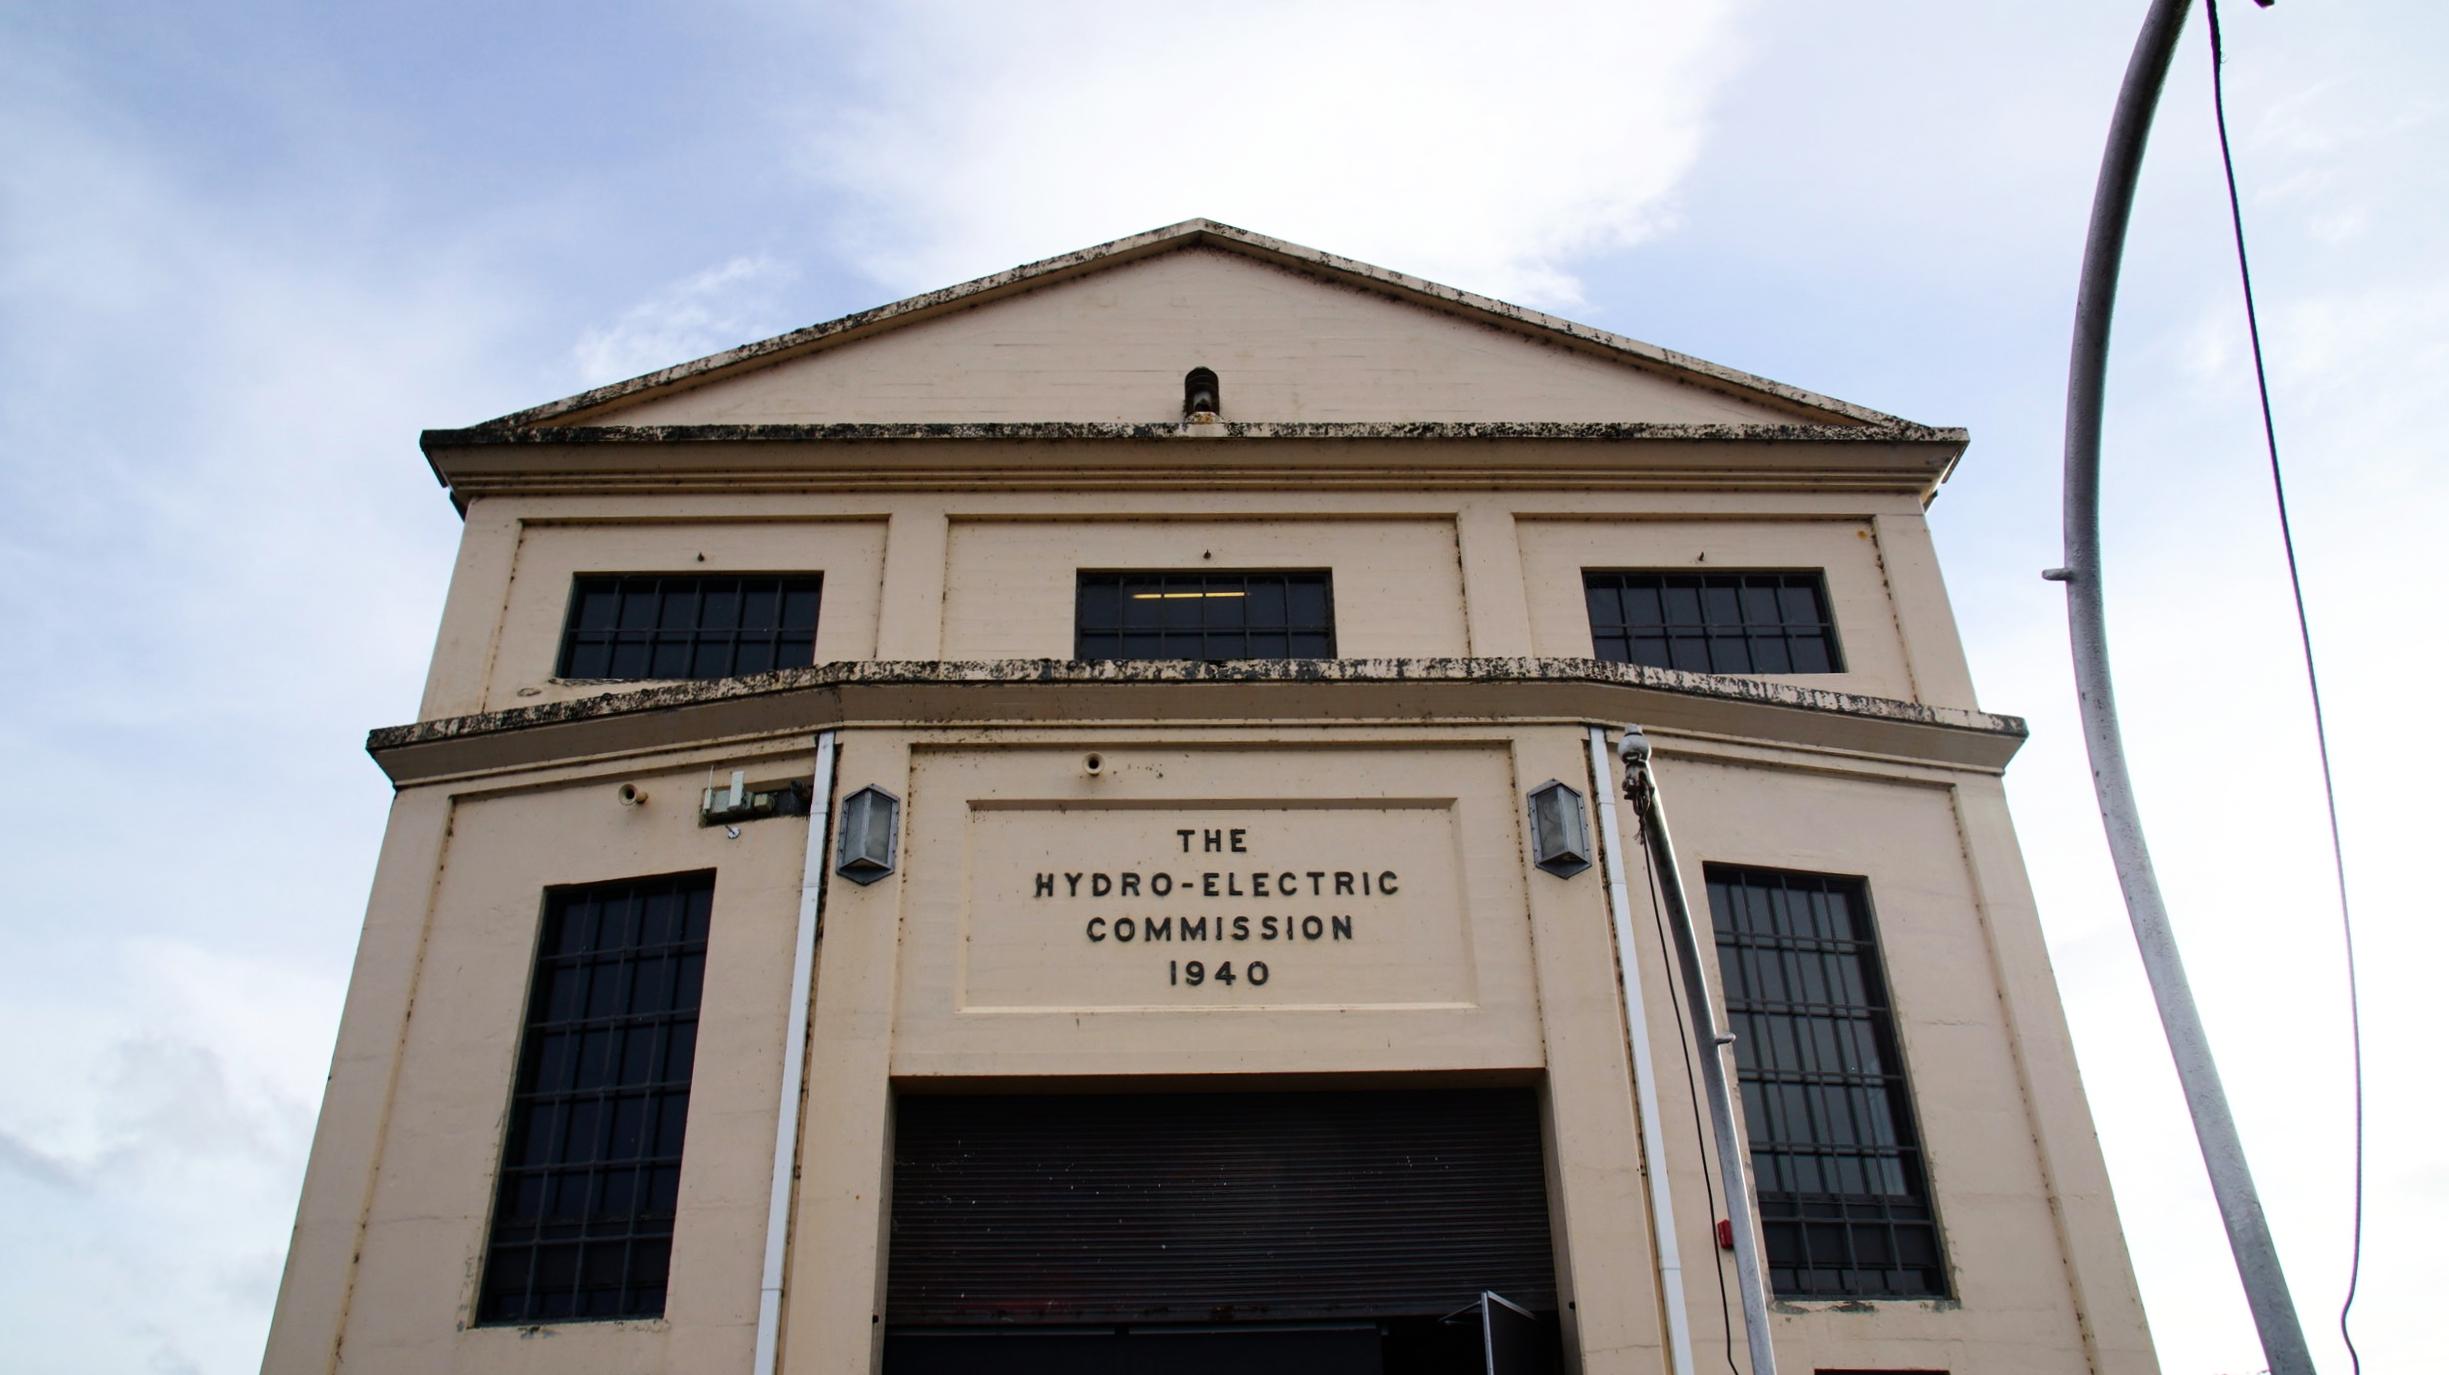 Built in 1940